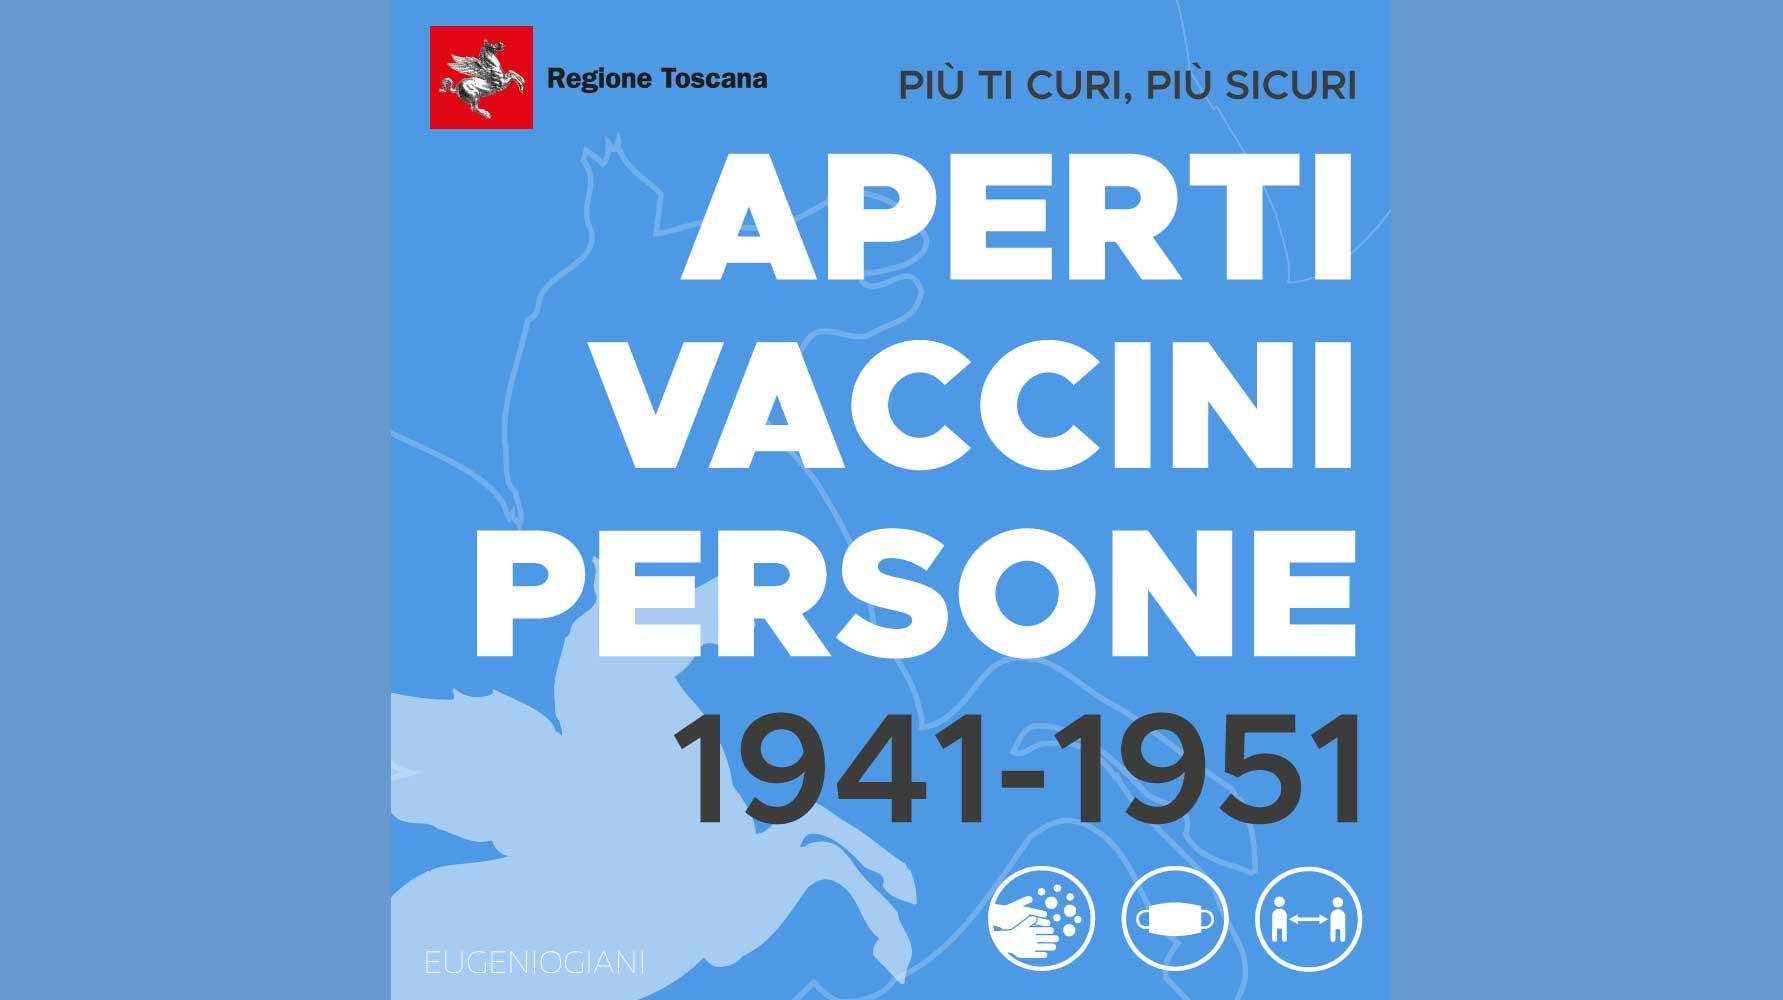 vaccini classi 41 51 regione toscana isola del giglio giglionews